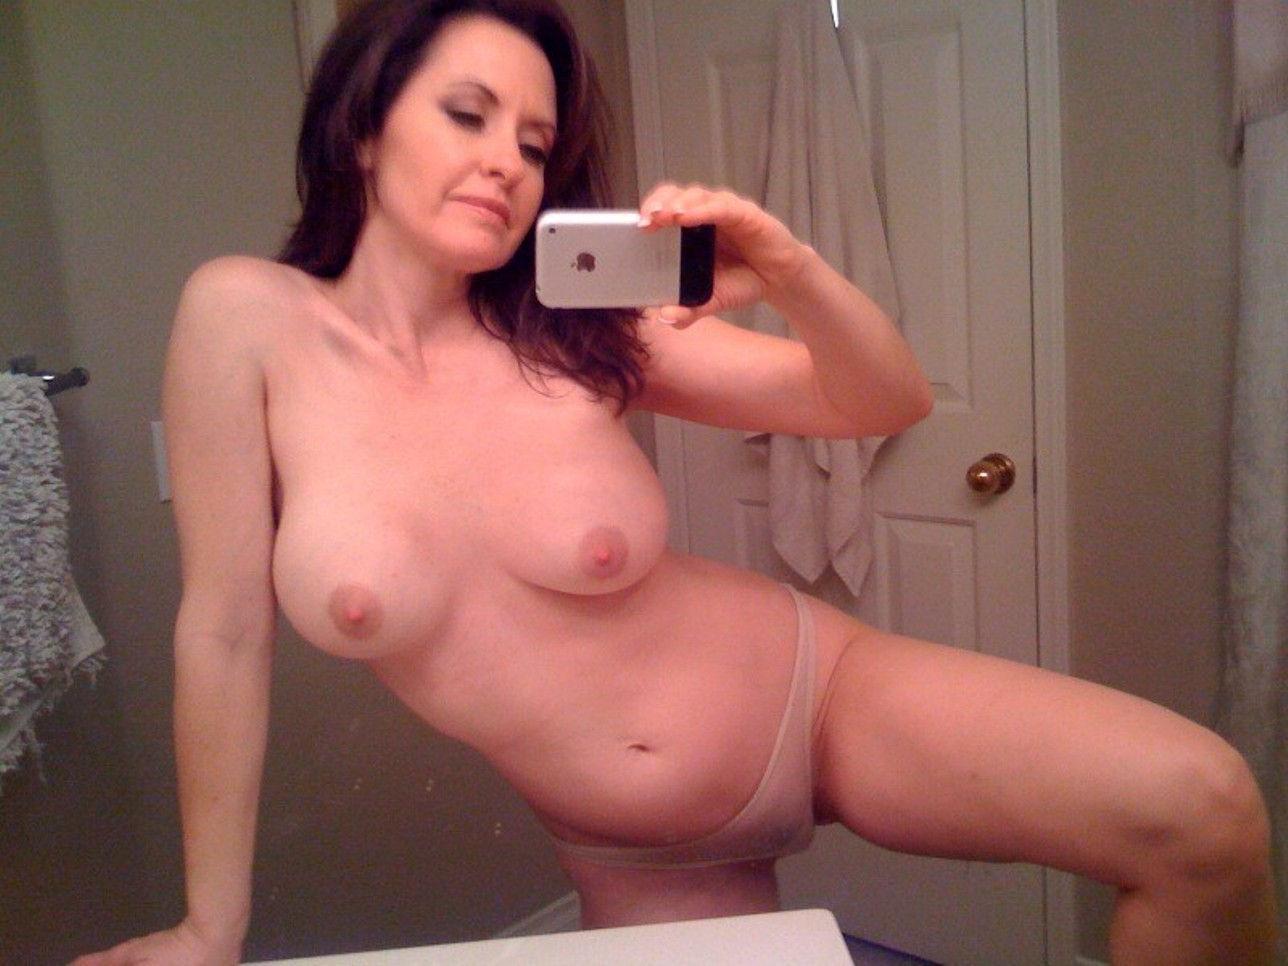 Cute Amateur Teen Posting Her Nude Selfies